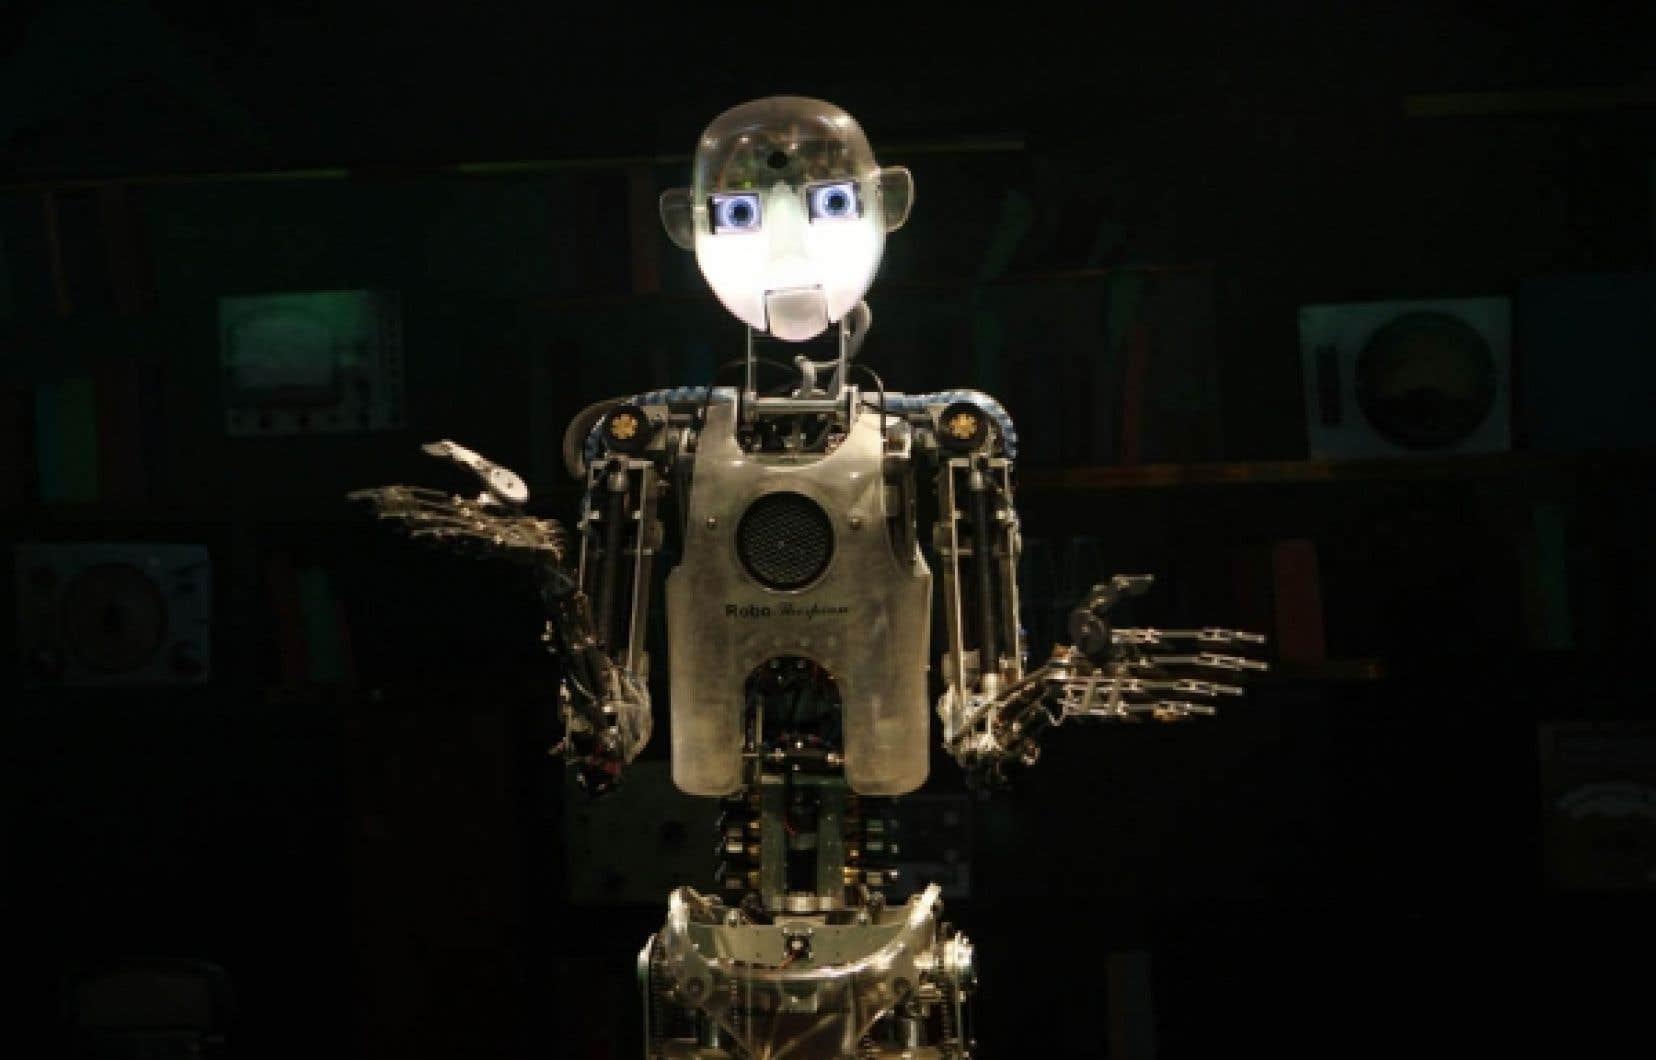 <div> Thespian, un robot humanoïde, communique avec des visiteurs au cours d'une exposition. Mais le rêve du parfait robot vient avec ses propres démons, comme l'évoquent plusieurs philosophes.</div>